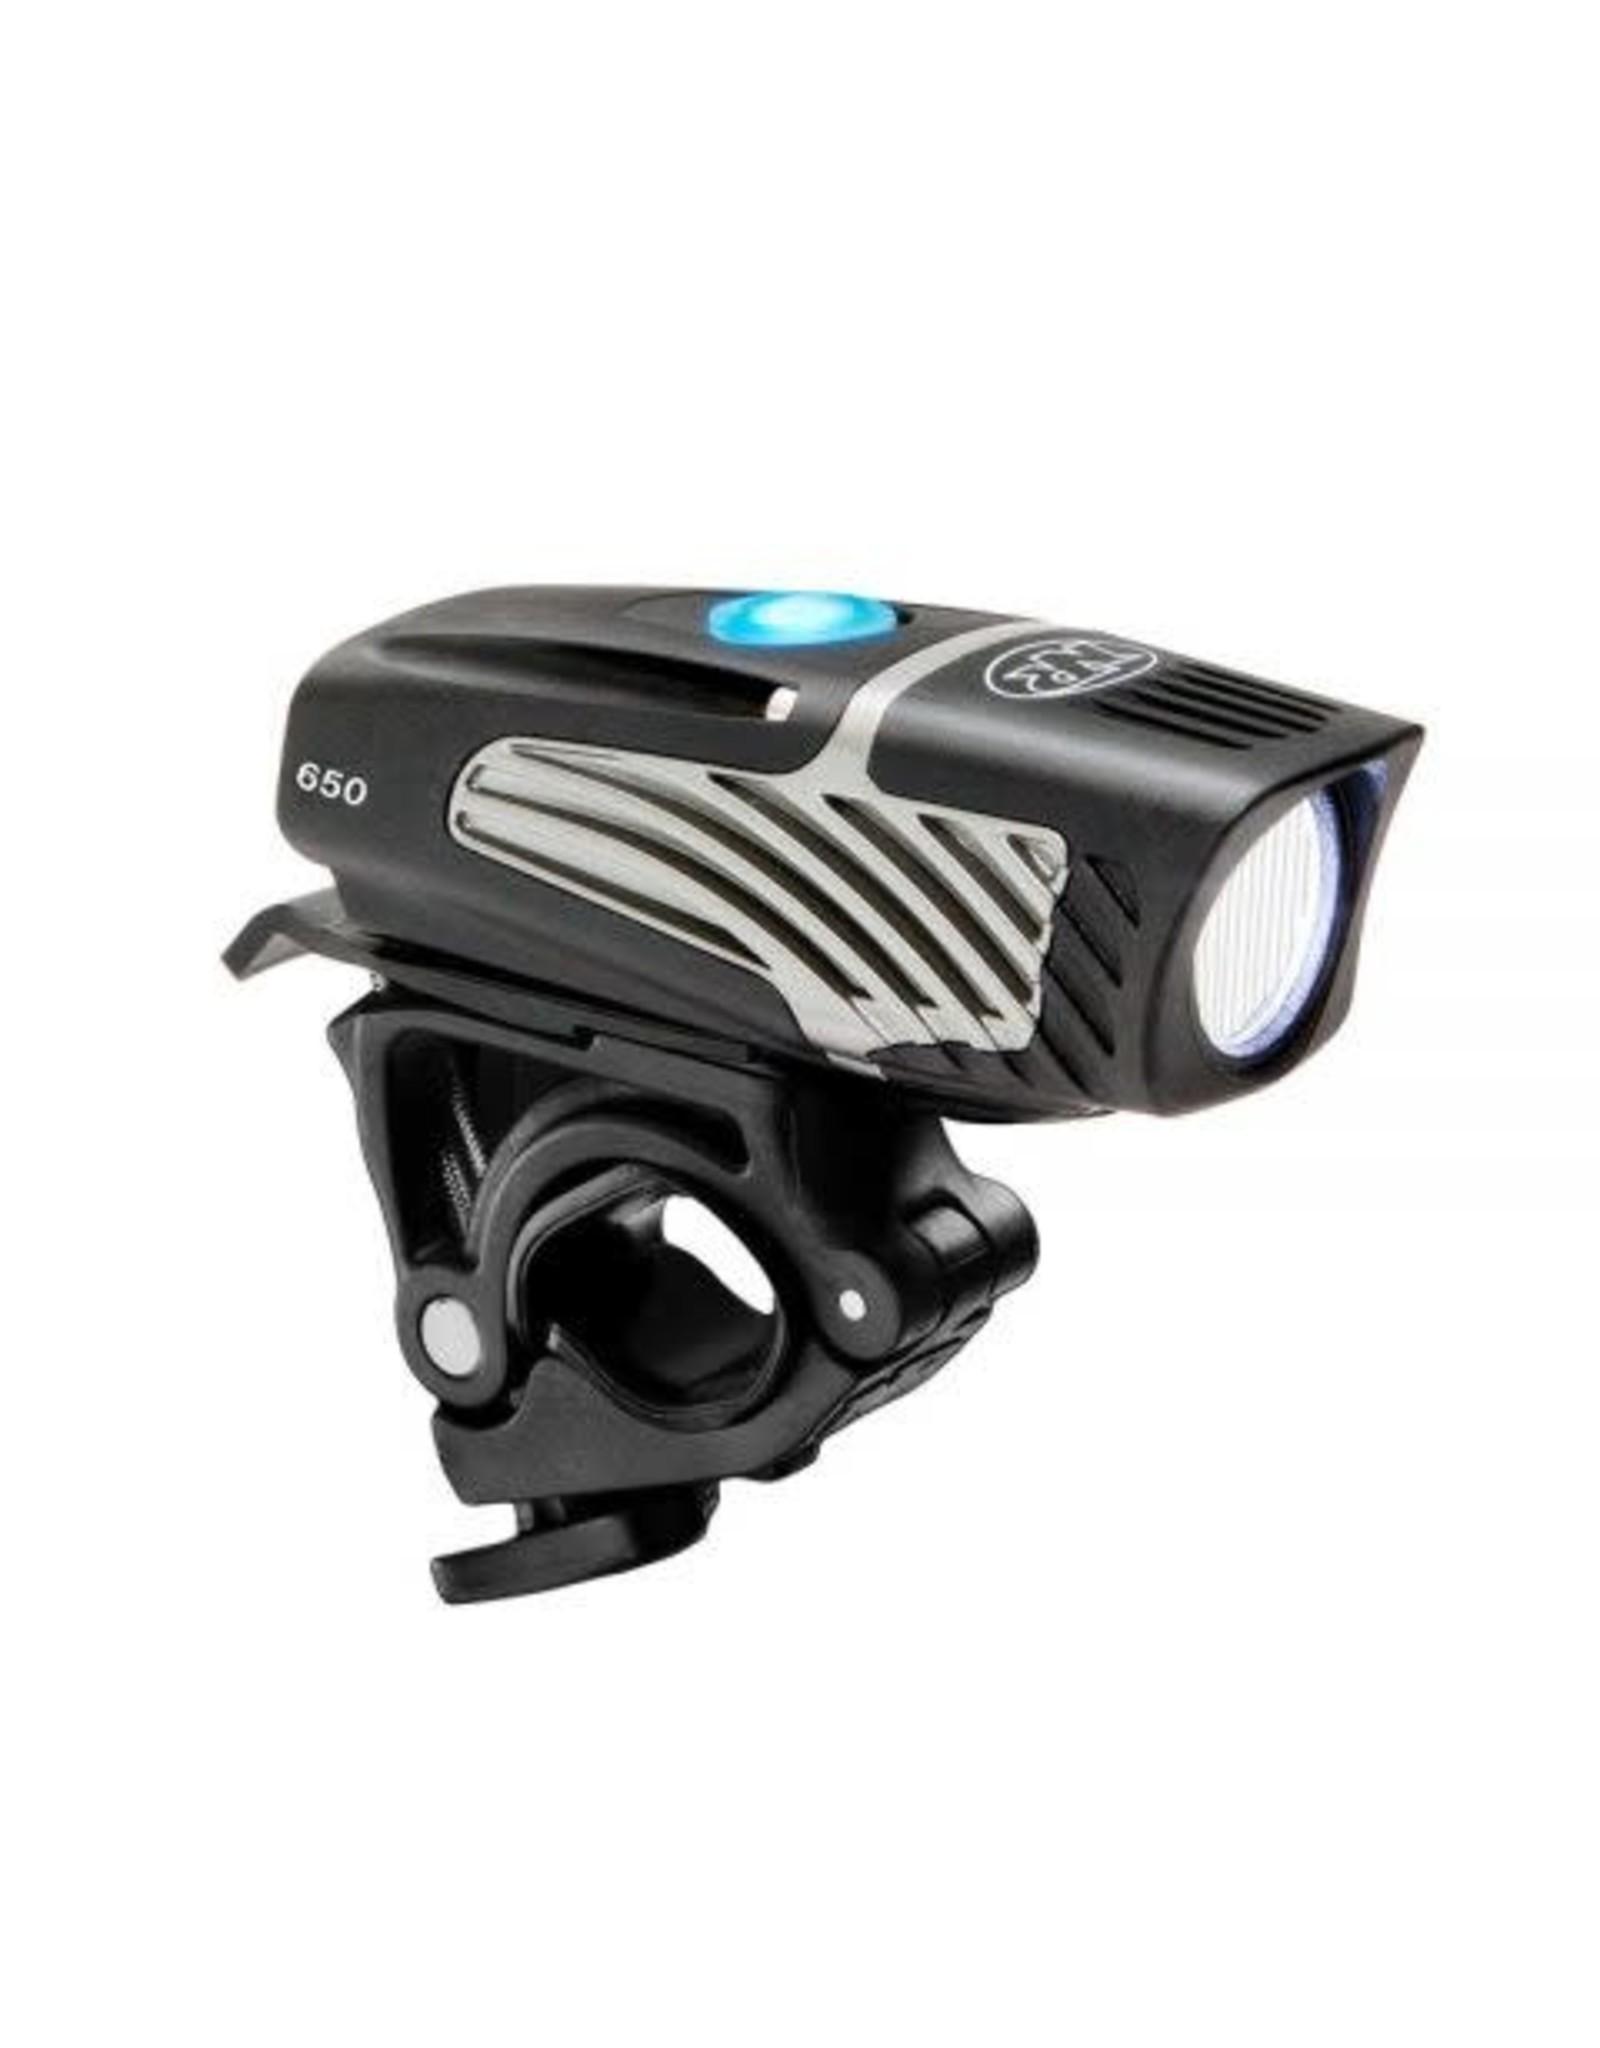 NiteRider Lumina Micro 650